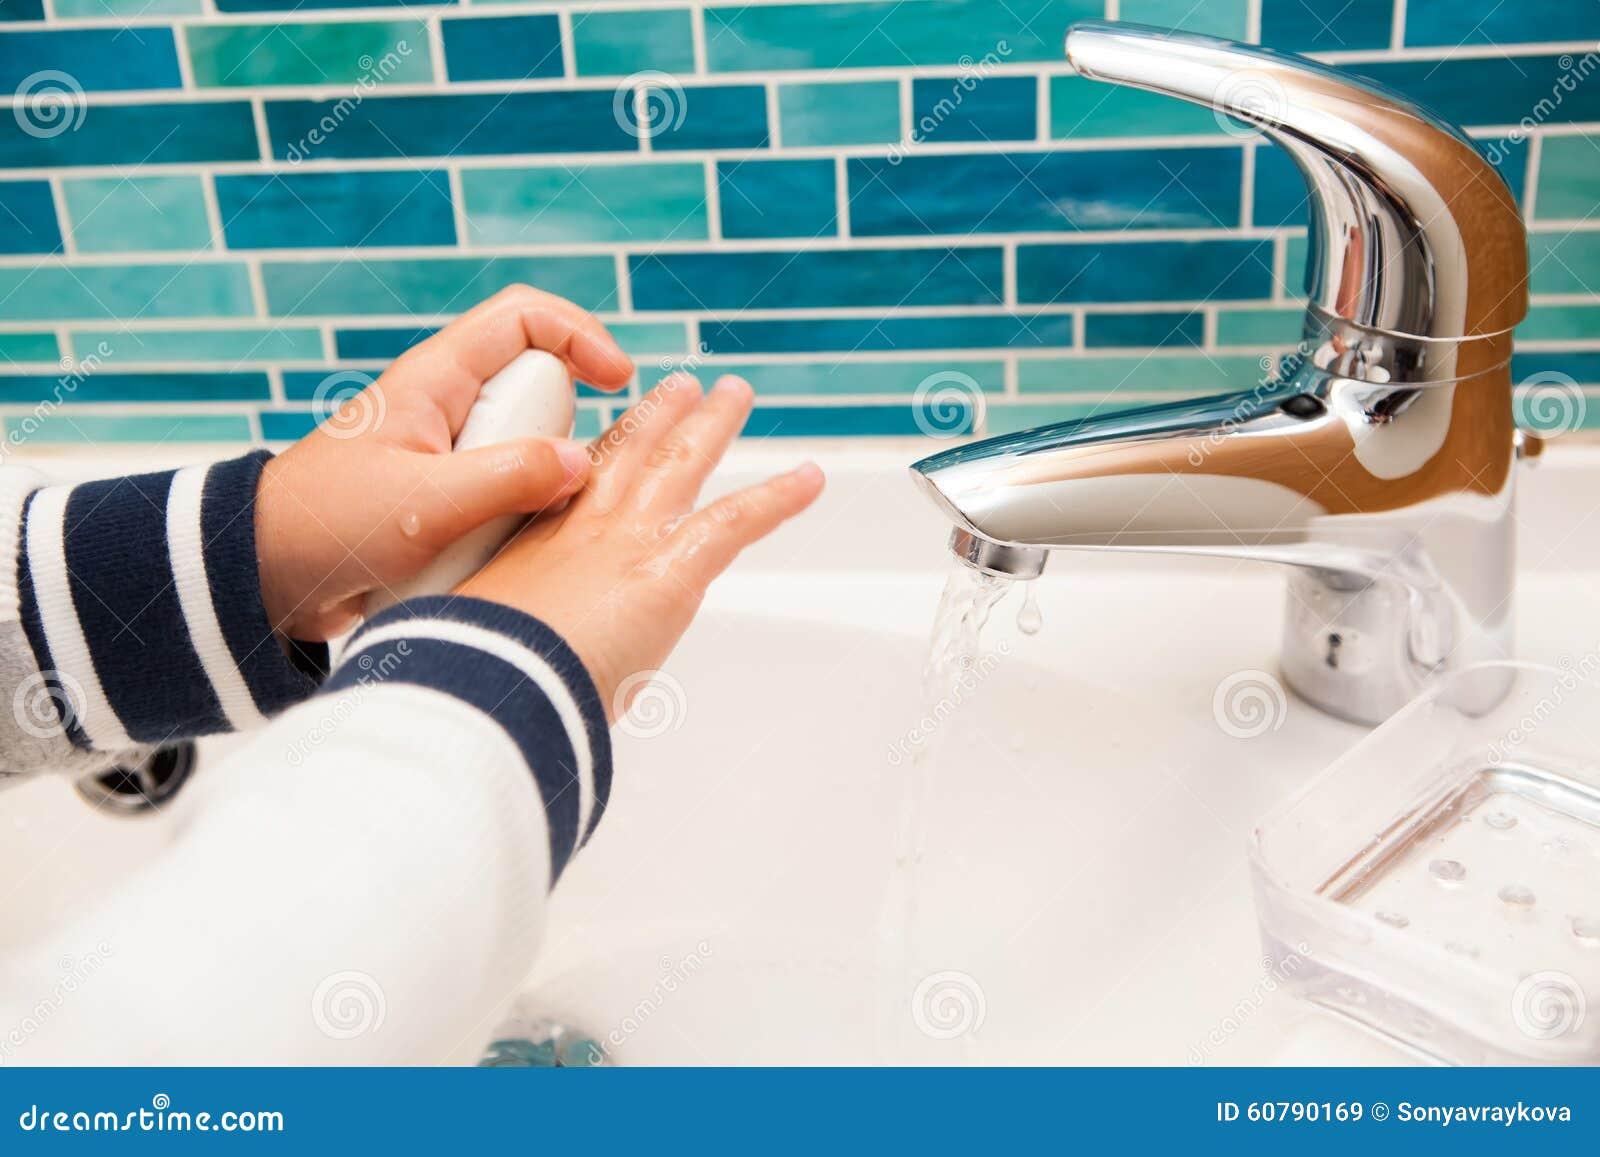 De kleine handen van de jongenswas